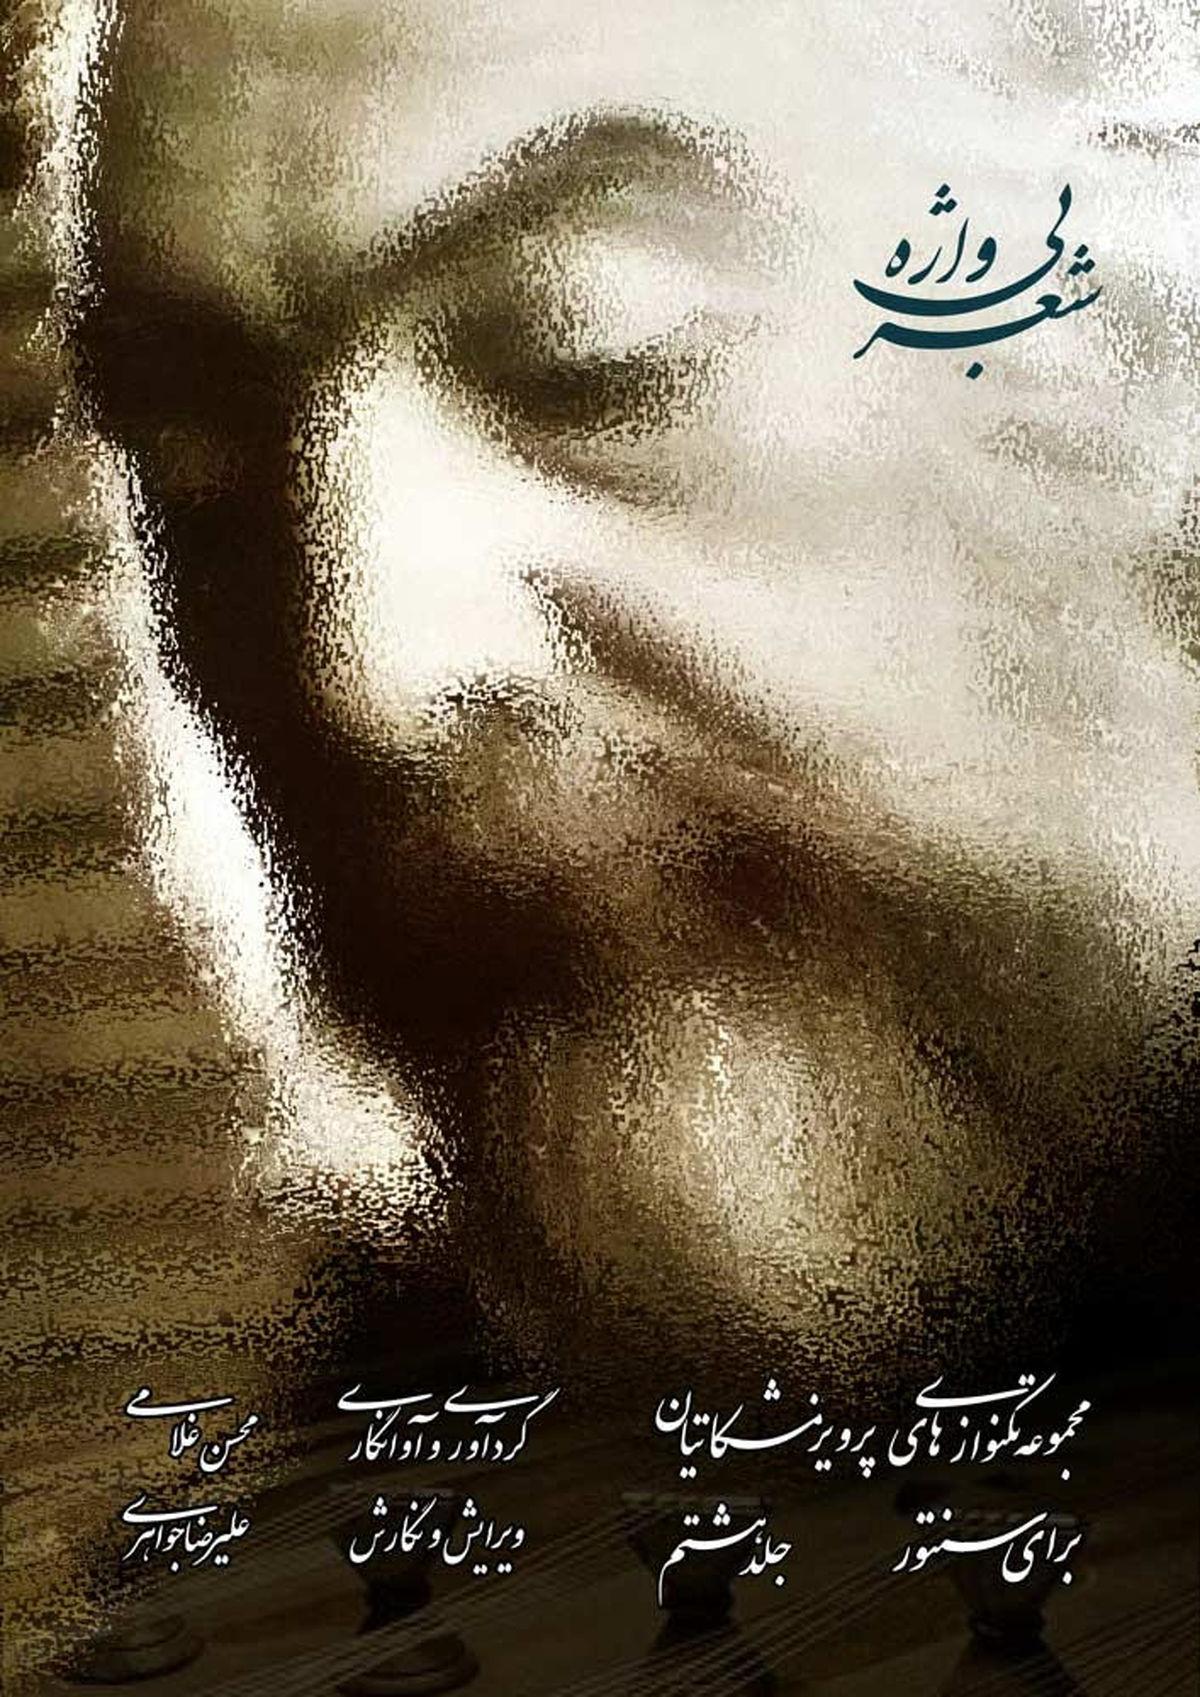 شعر بی واژه پرویز مشکاتیان منتشر شد